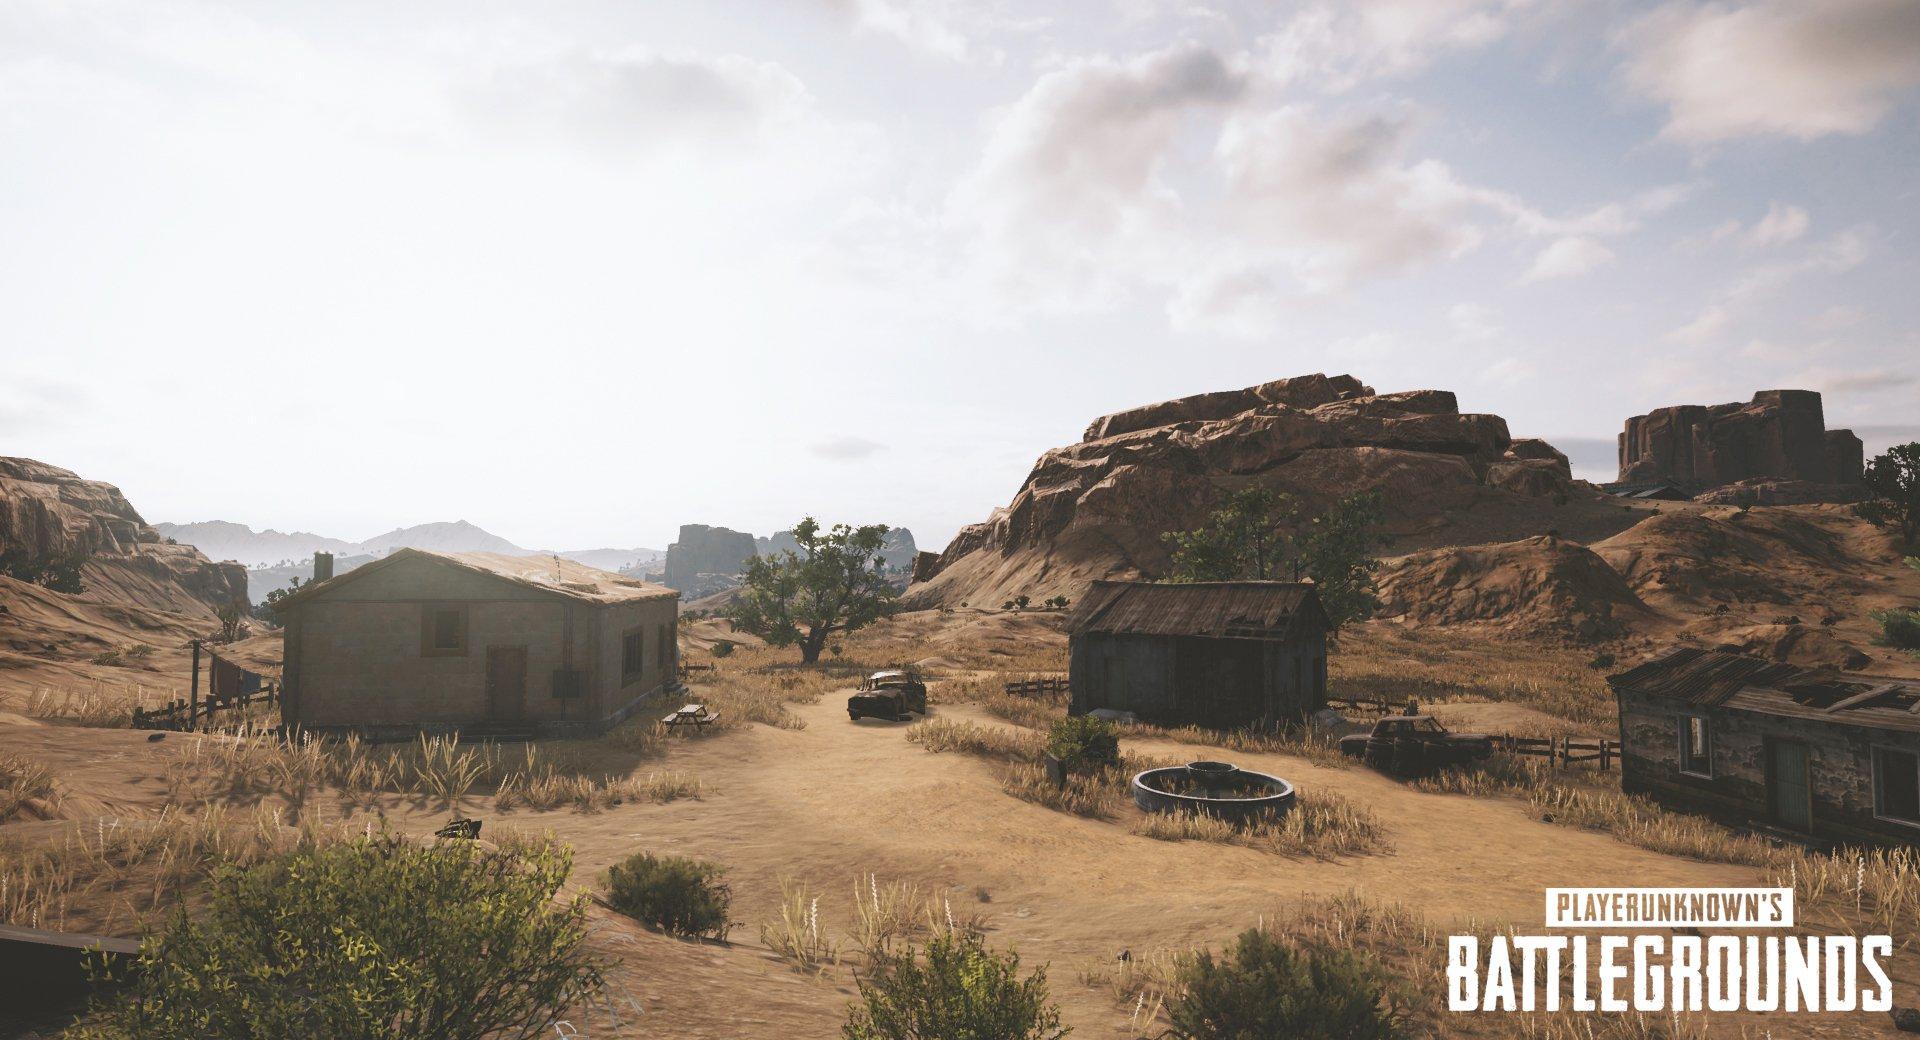 PlayerUnknown's Battlegrounds - пустынная карта - PlayerUnknown's Battlegrounds Скриншот